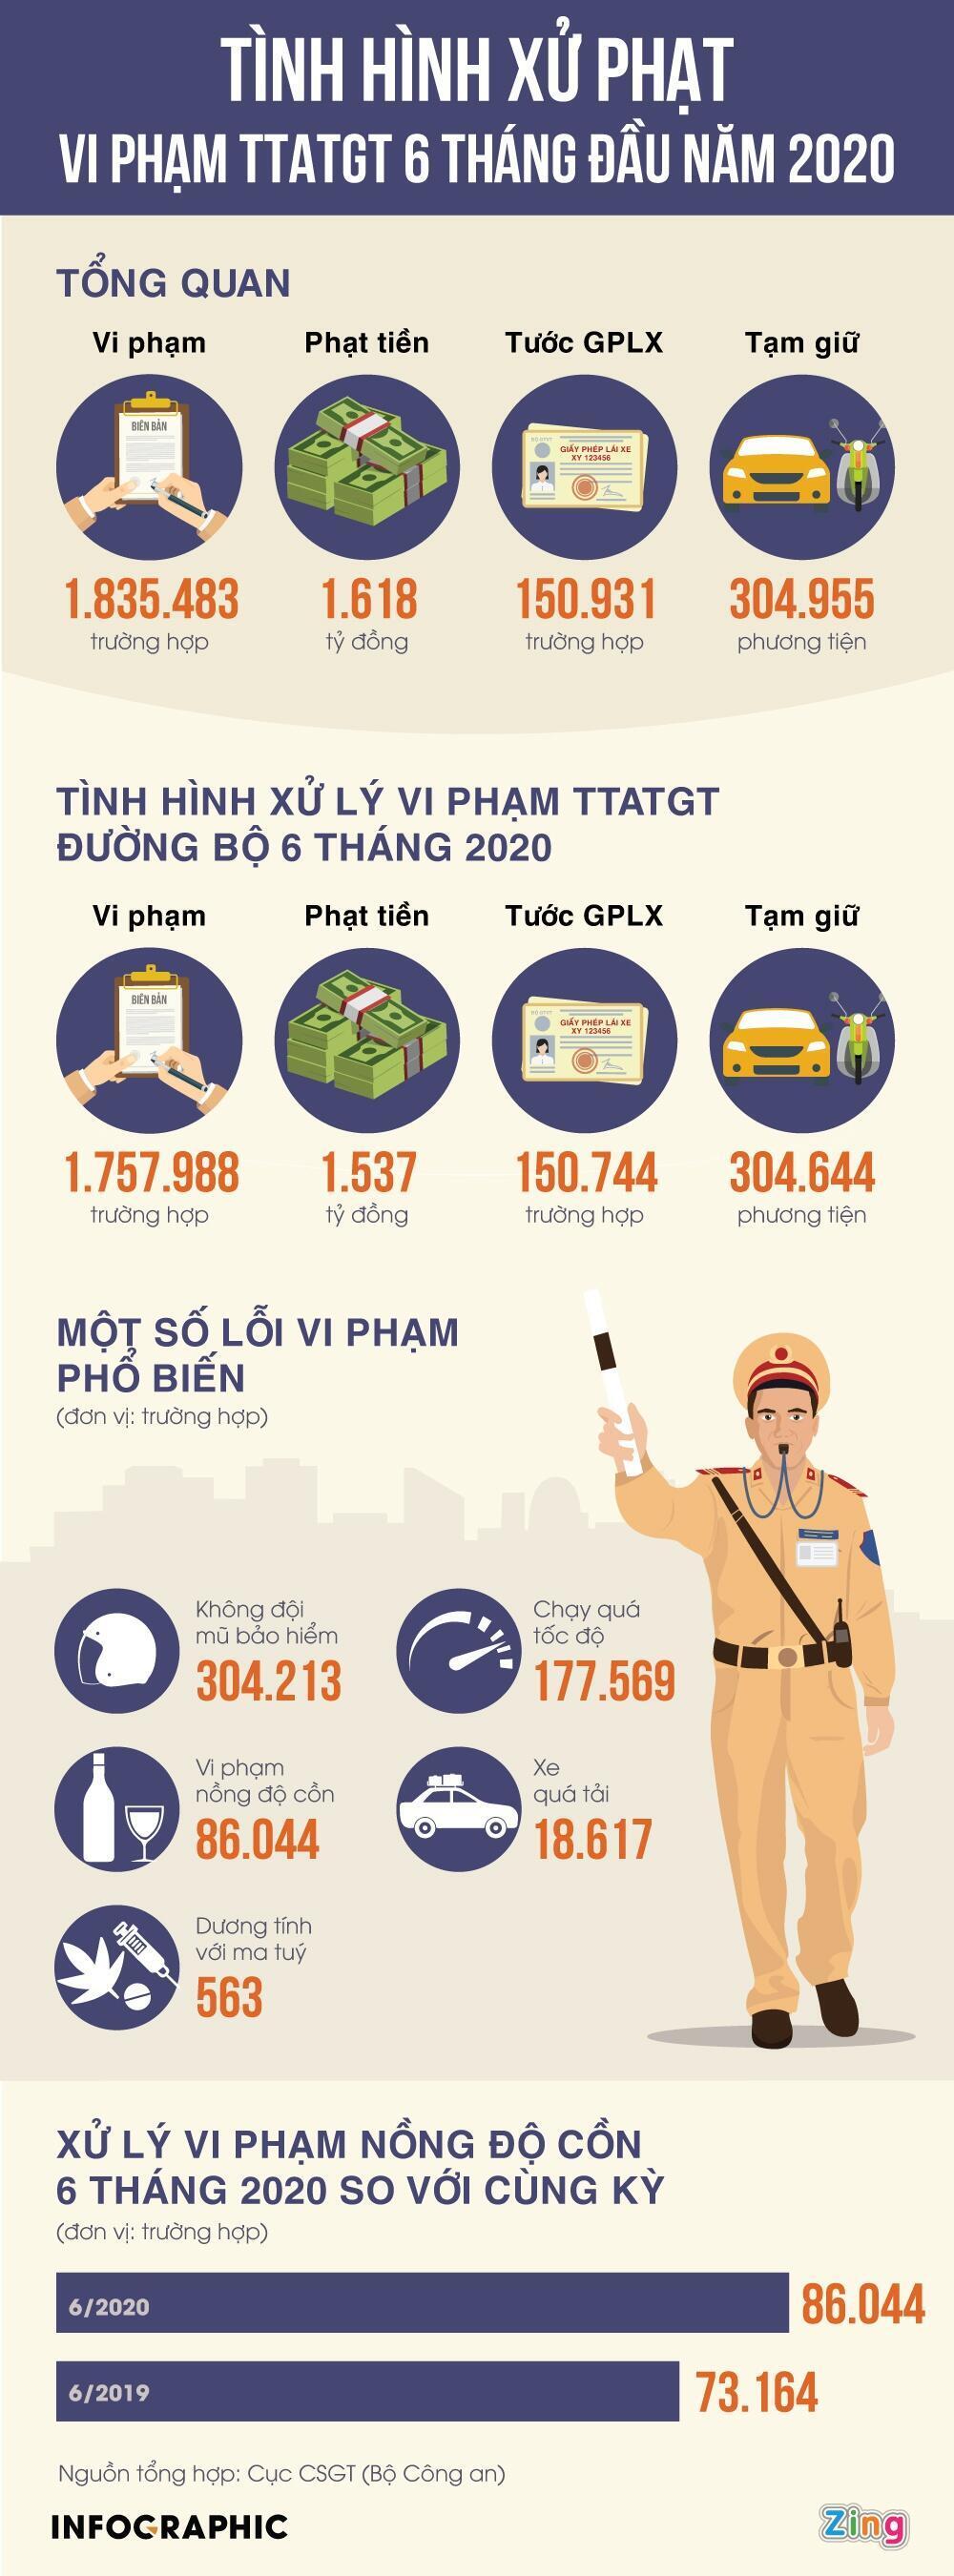 86-000-tai-xe-vi-pham-nong-do-con-trong-6-thang